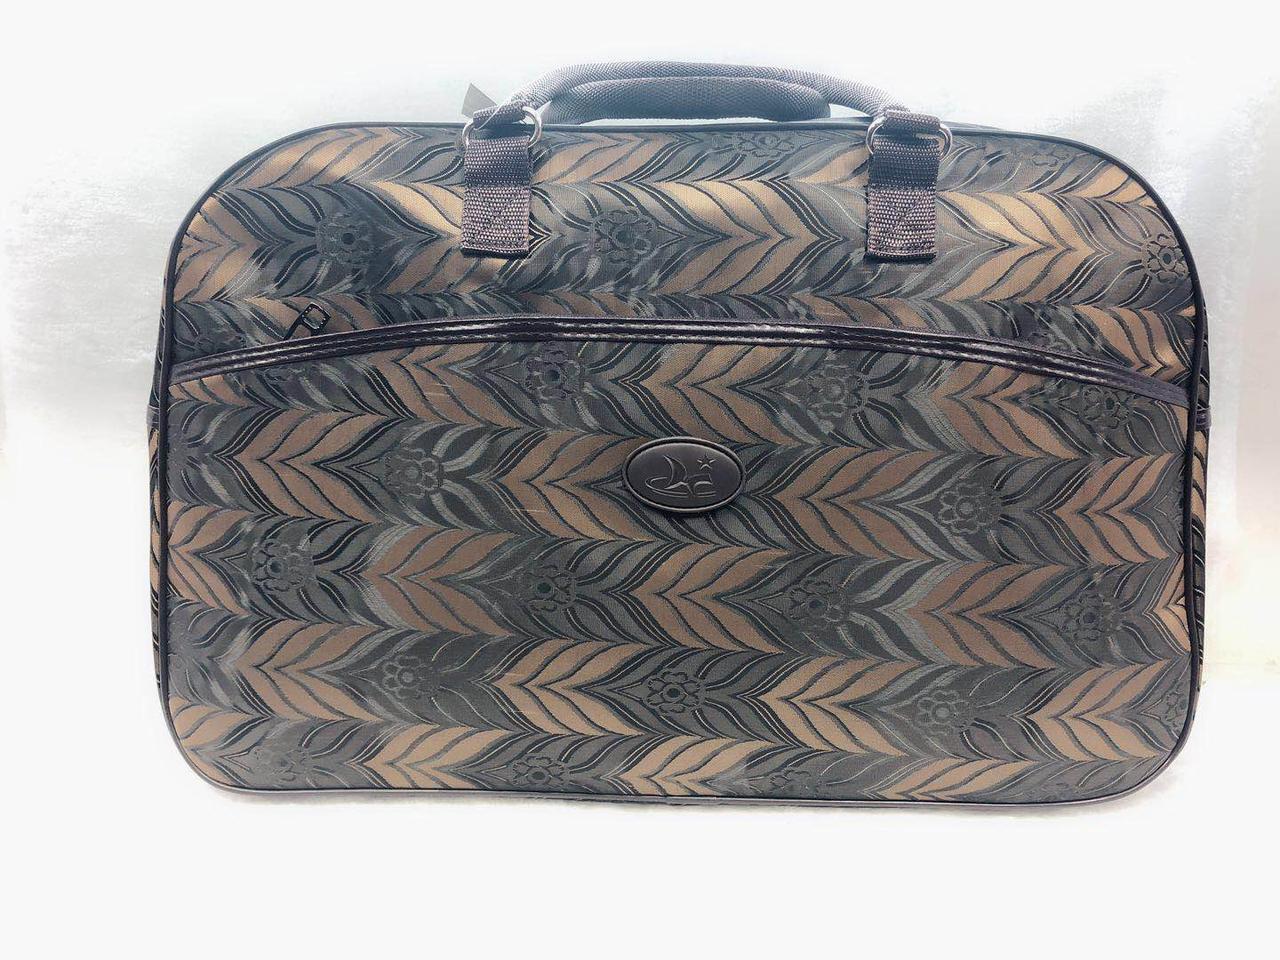 Текстильная вместительная дорожная сумка-саквояж женская из текстиля